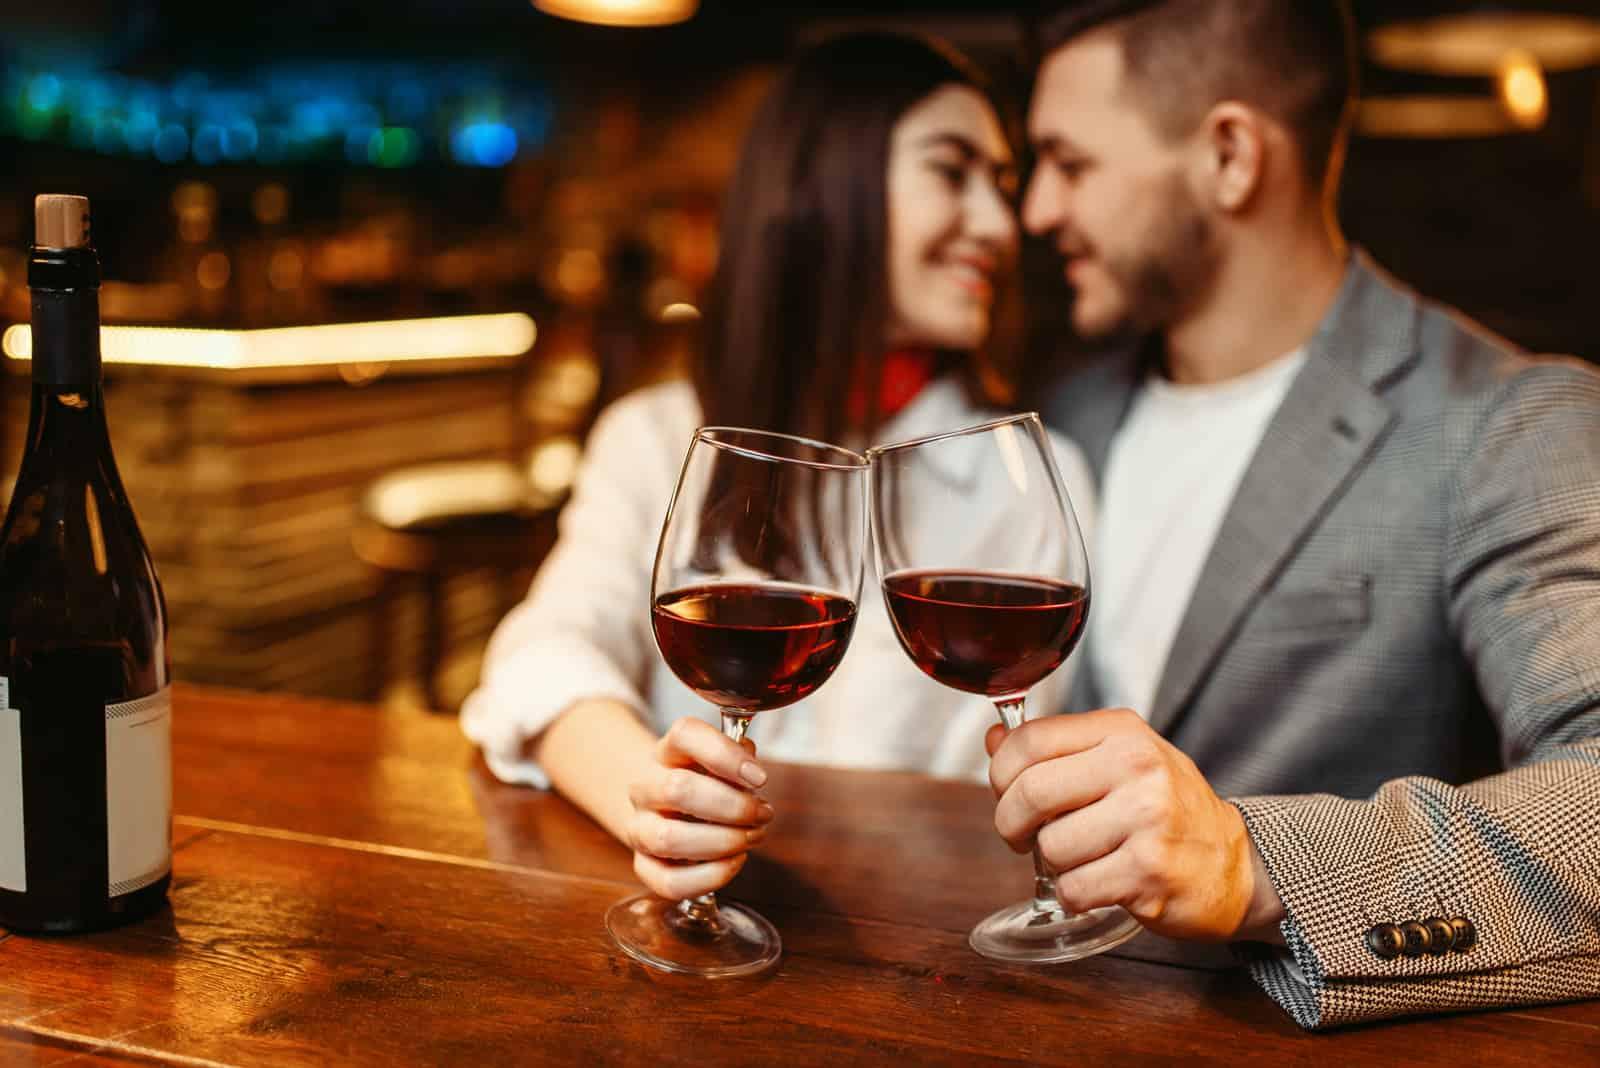 Paar am Tag Wein trinken